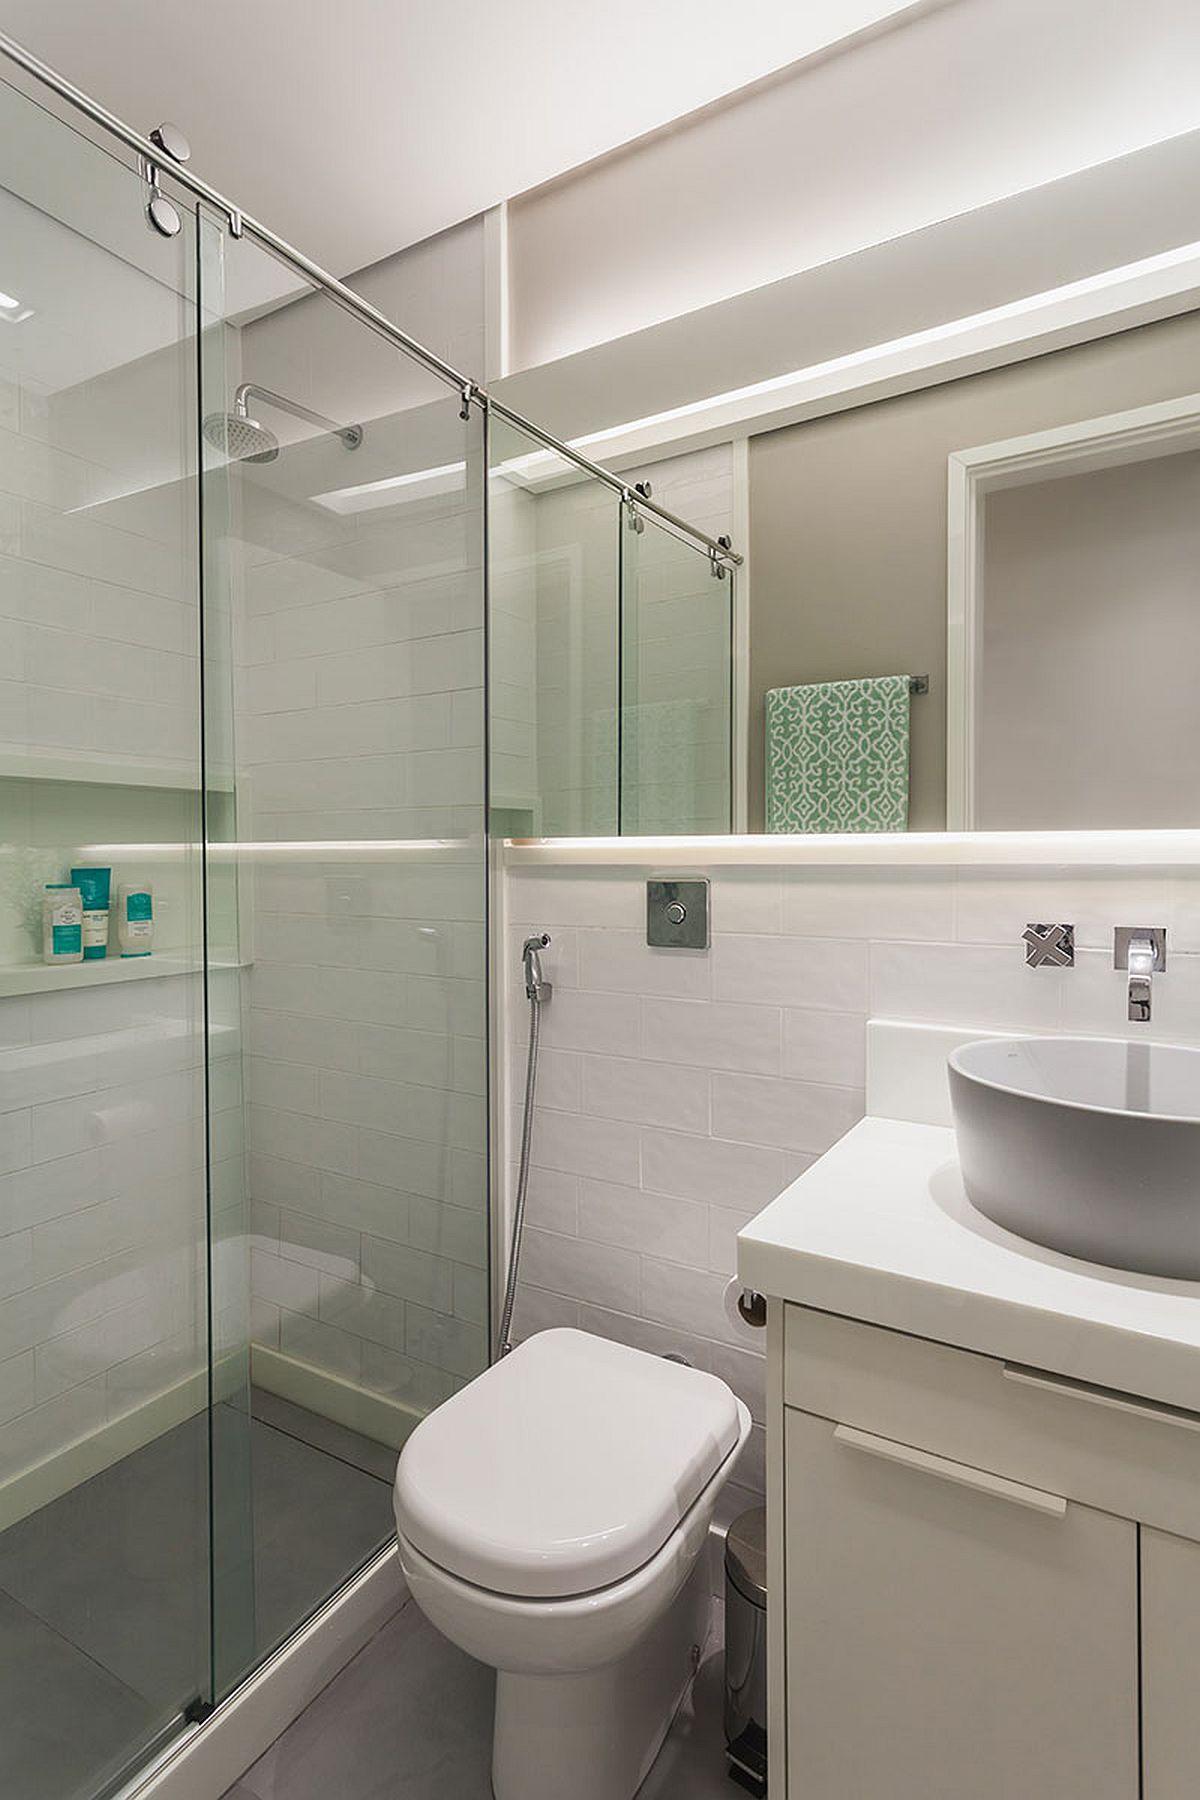 Baia este mică, dar bine organizată cu toate cele necesare. Pentru a alunga senzația de claustrofobie, designerii au prevăzut aici o oglindă generoasă care să dea impresia de spațiu mai mare și mai luminos.